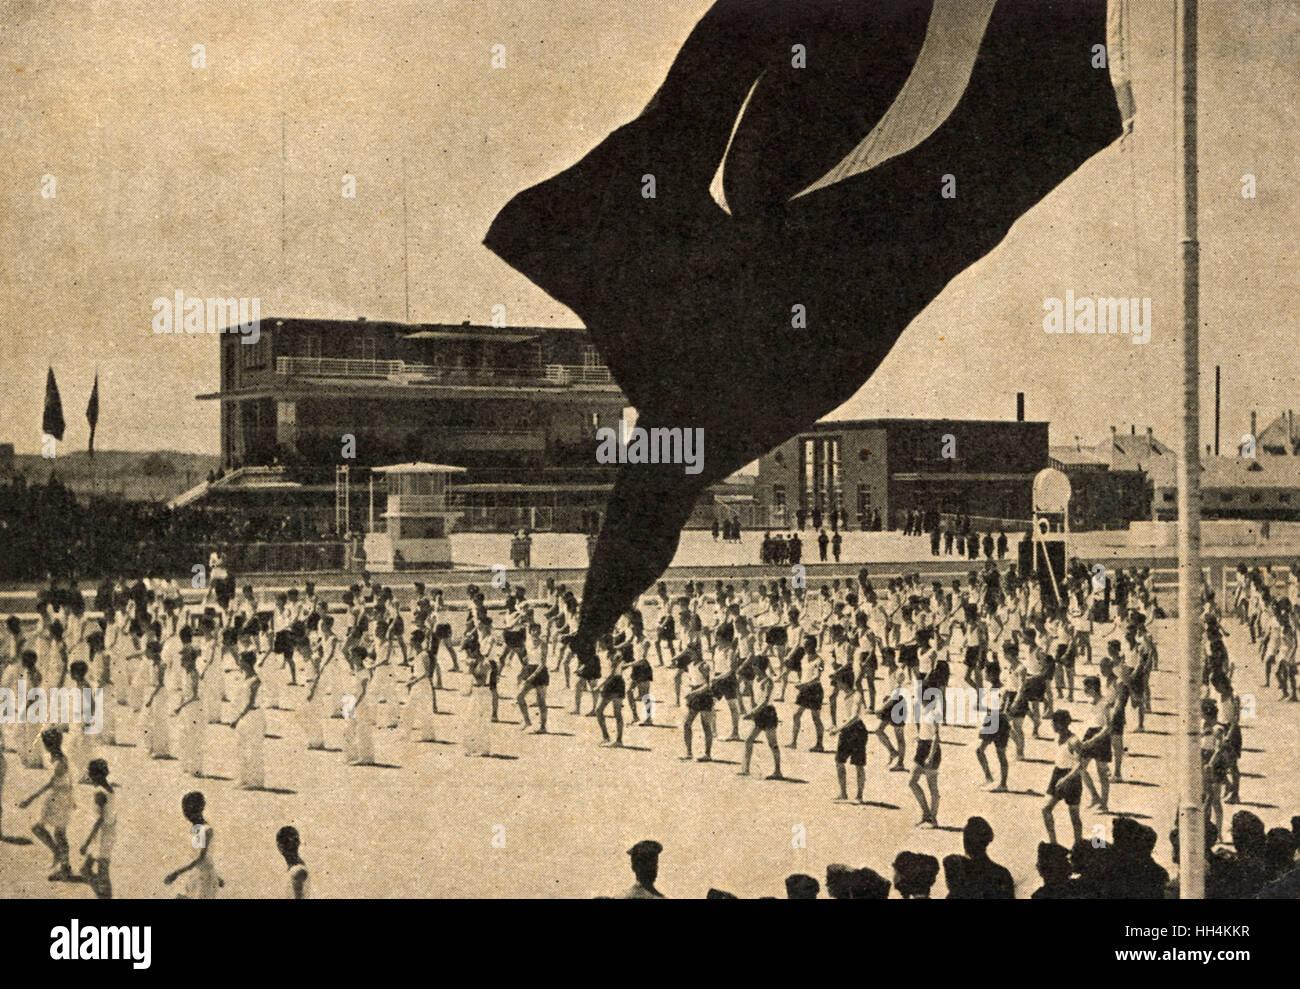 Dimostrazione di ginnastica nello stadio, Ankara Turchia. Immagini Stock